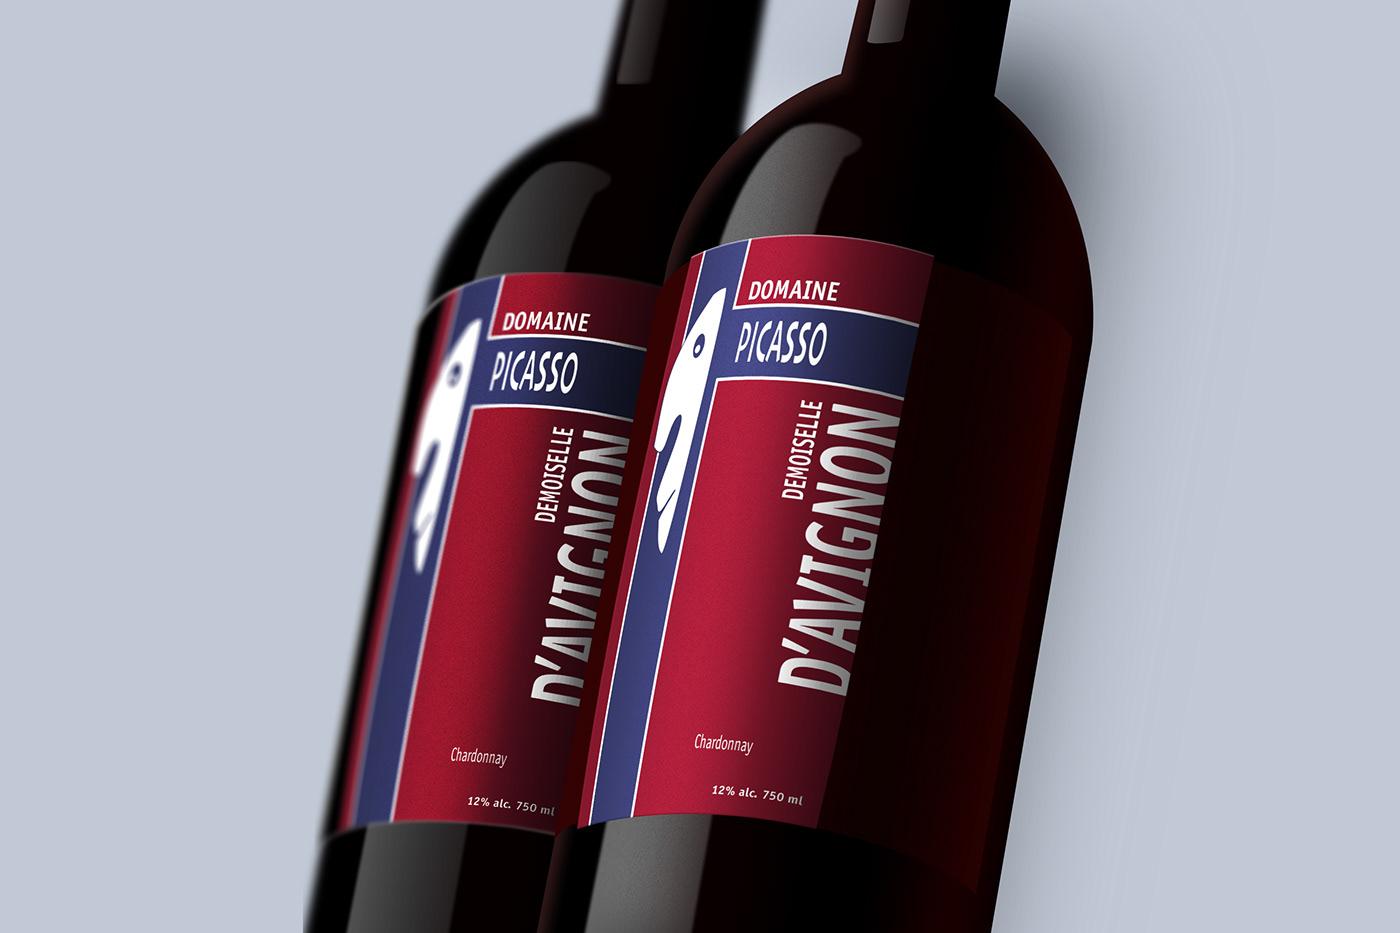 Carte etiquette Picasso vignoble vin